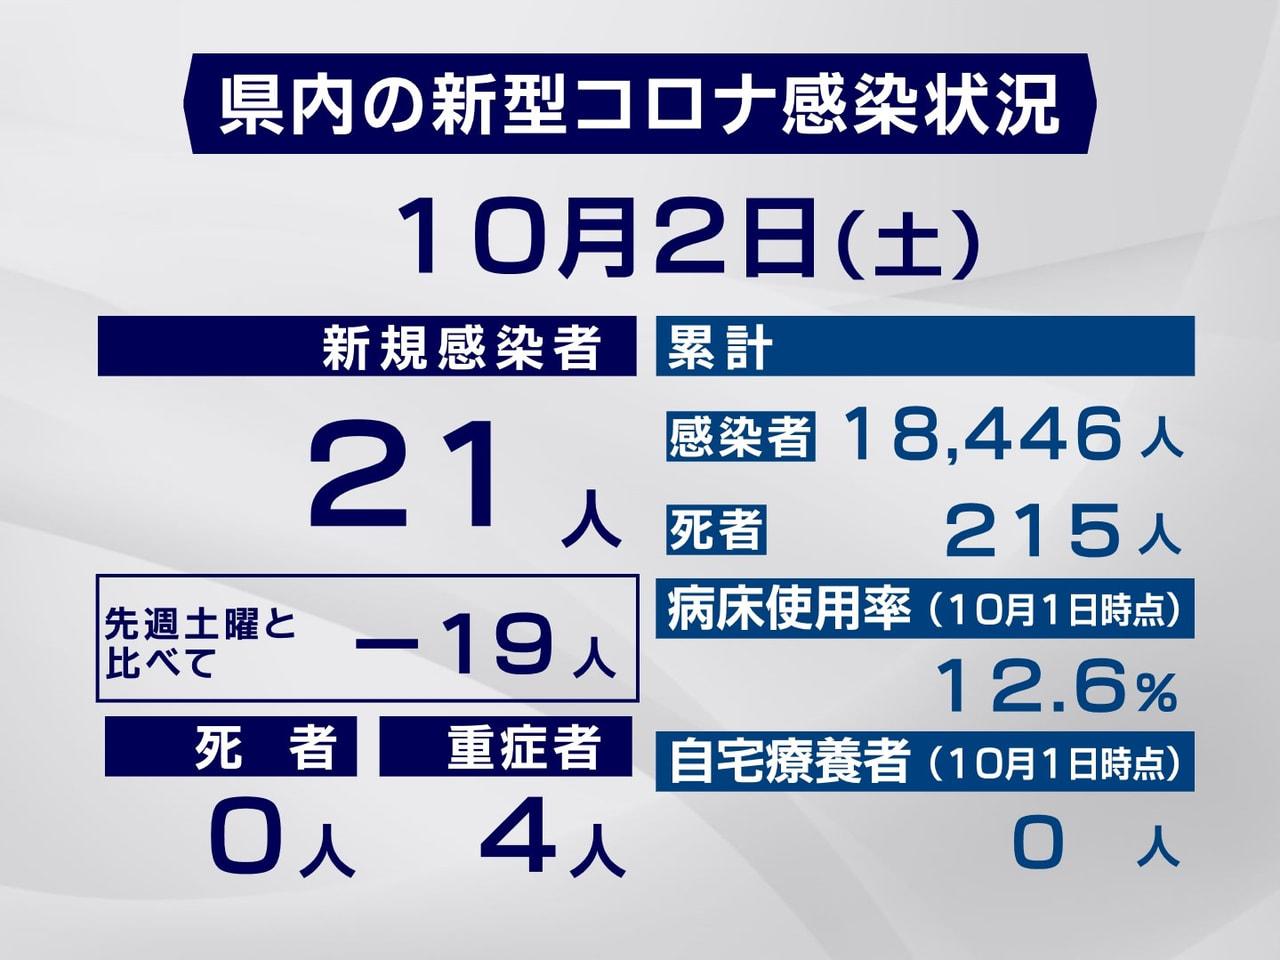 岐阜県と岐阜市は、2日新型コロナウイルスの感染が新たに21人確認されたと発表しま...